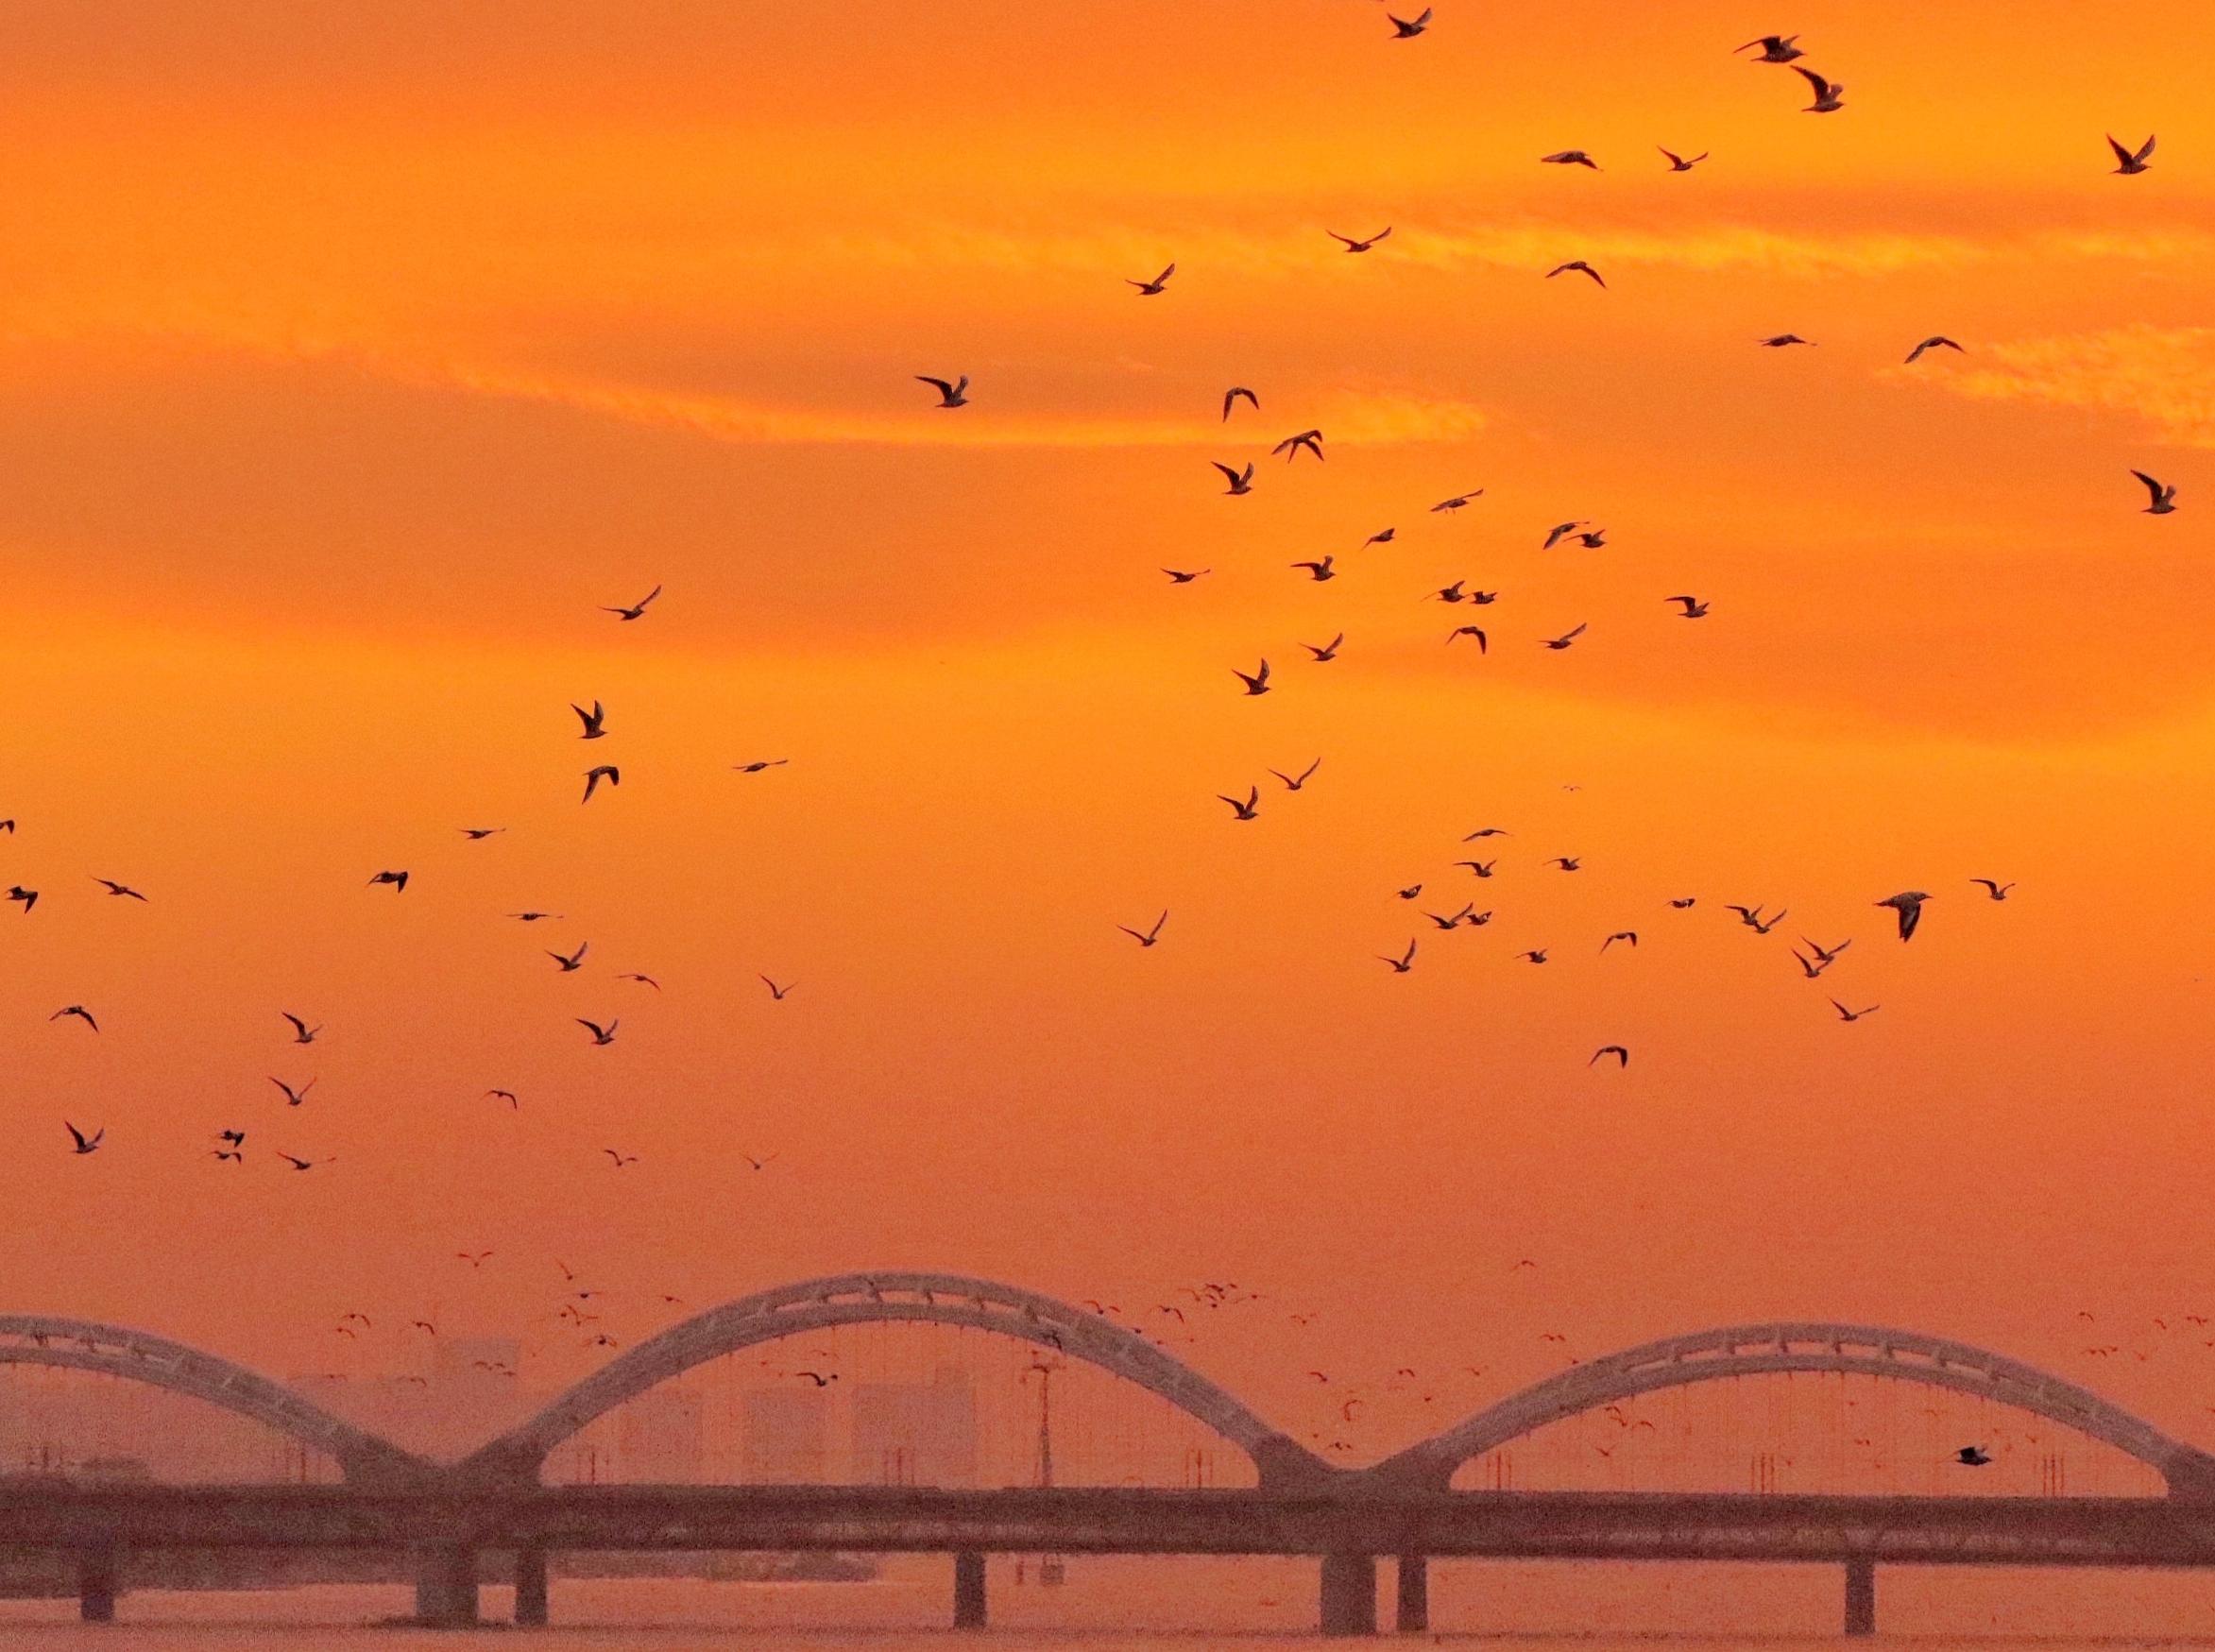 """近日,近万只江鸥聚集在哈尔滨市道外区的松花江上,它们在江面上翻飞觅食,场面壮观。据鸟类专家介绍,在松花江哈尔滨段聚集的""""江鸥""""以红嘴鸥为主。"""